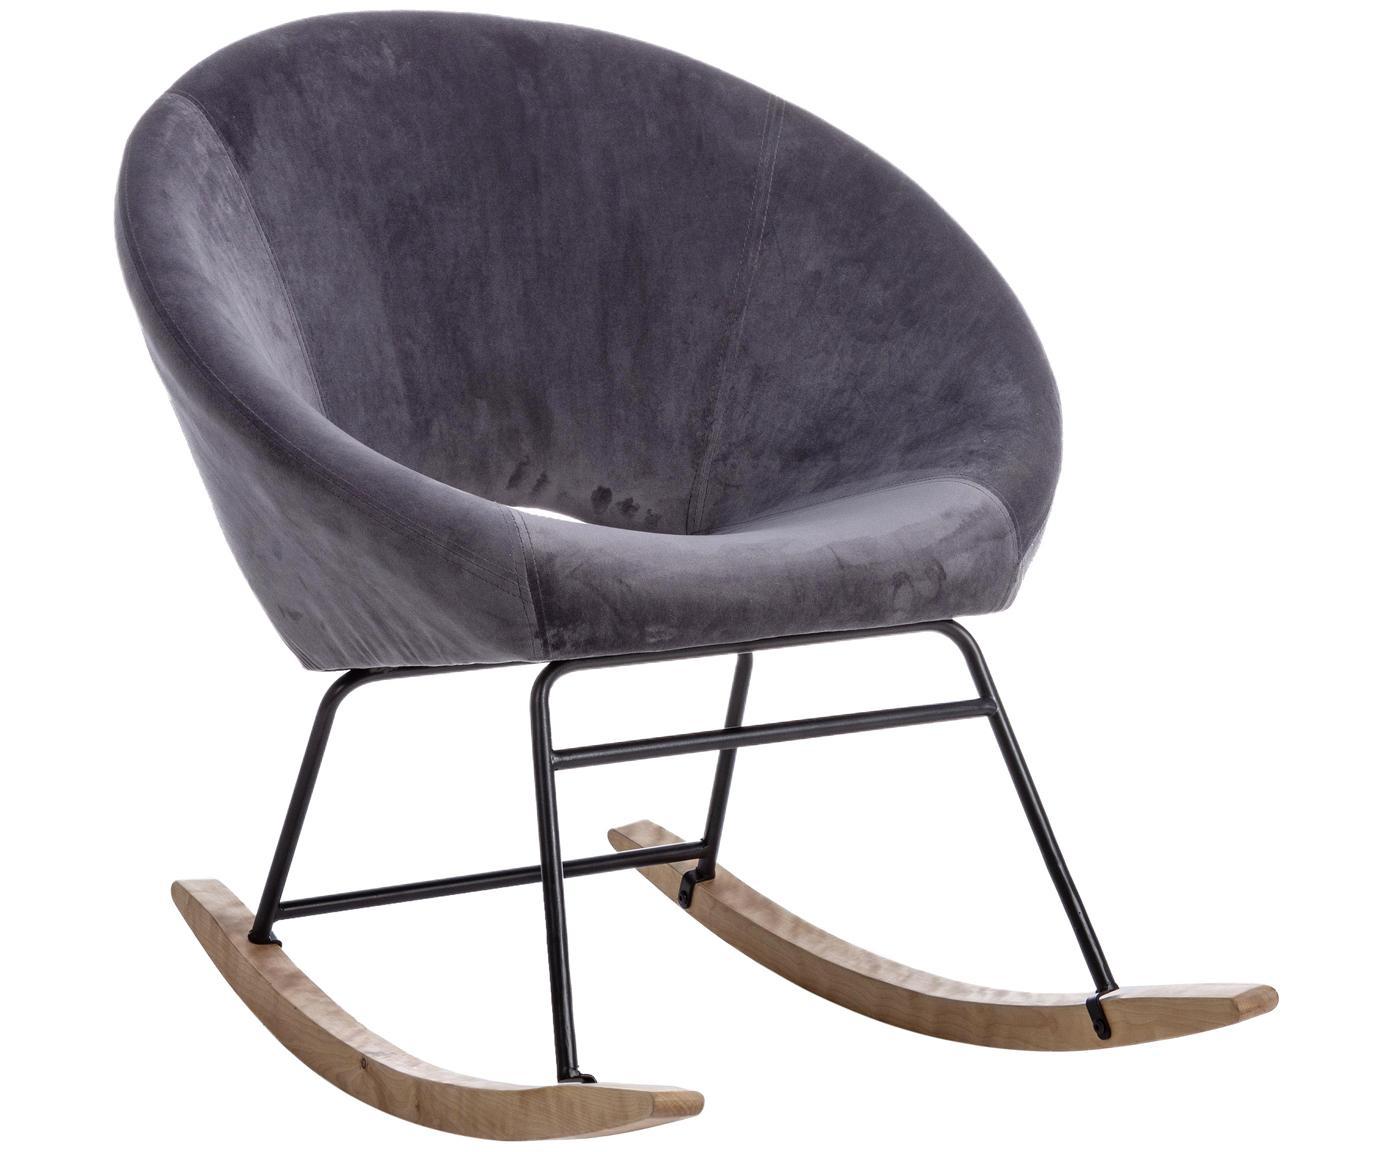 Sedia a dondolo in velluto Annika, Rivestimento: velluto di poliestere 70., Struttura: metallo verniciato a polv, Velluto grigio, Larg. 74 x Prof. 77 cm